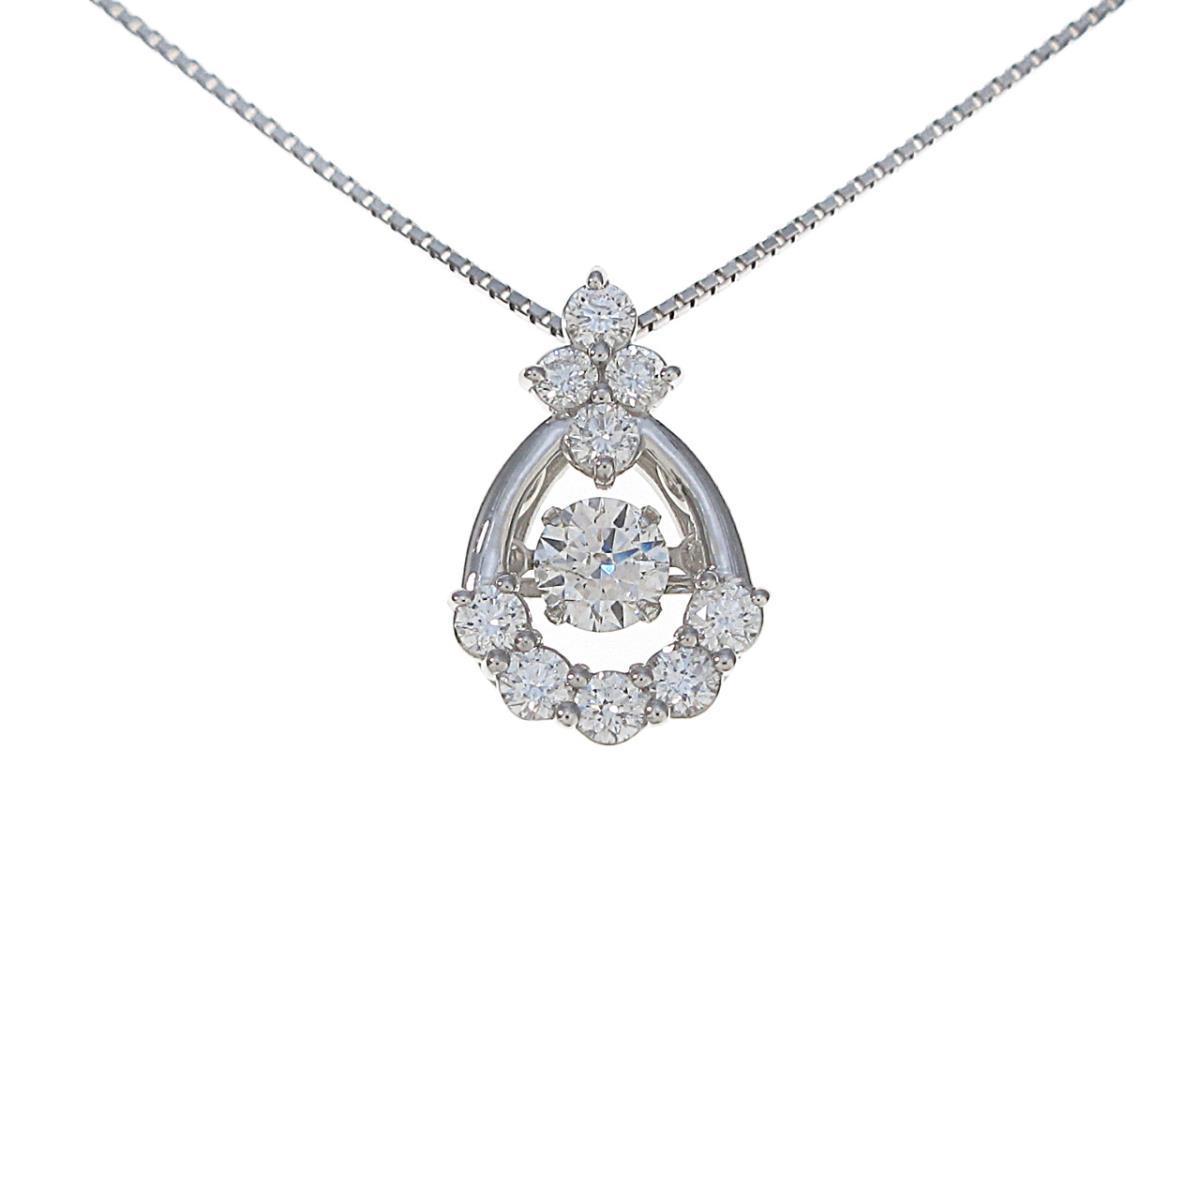 【新品】プラチナ ダイヤモンドネックレス 0.307ct・F・SI2・VG【新品】